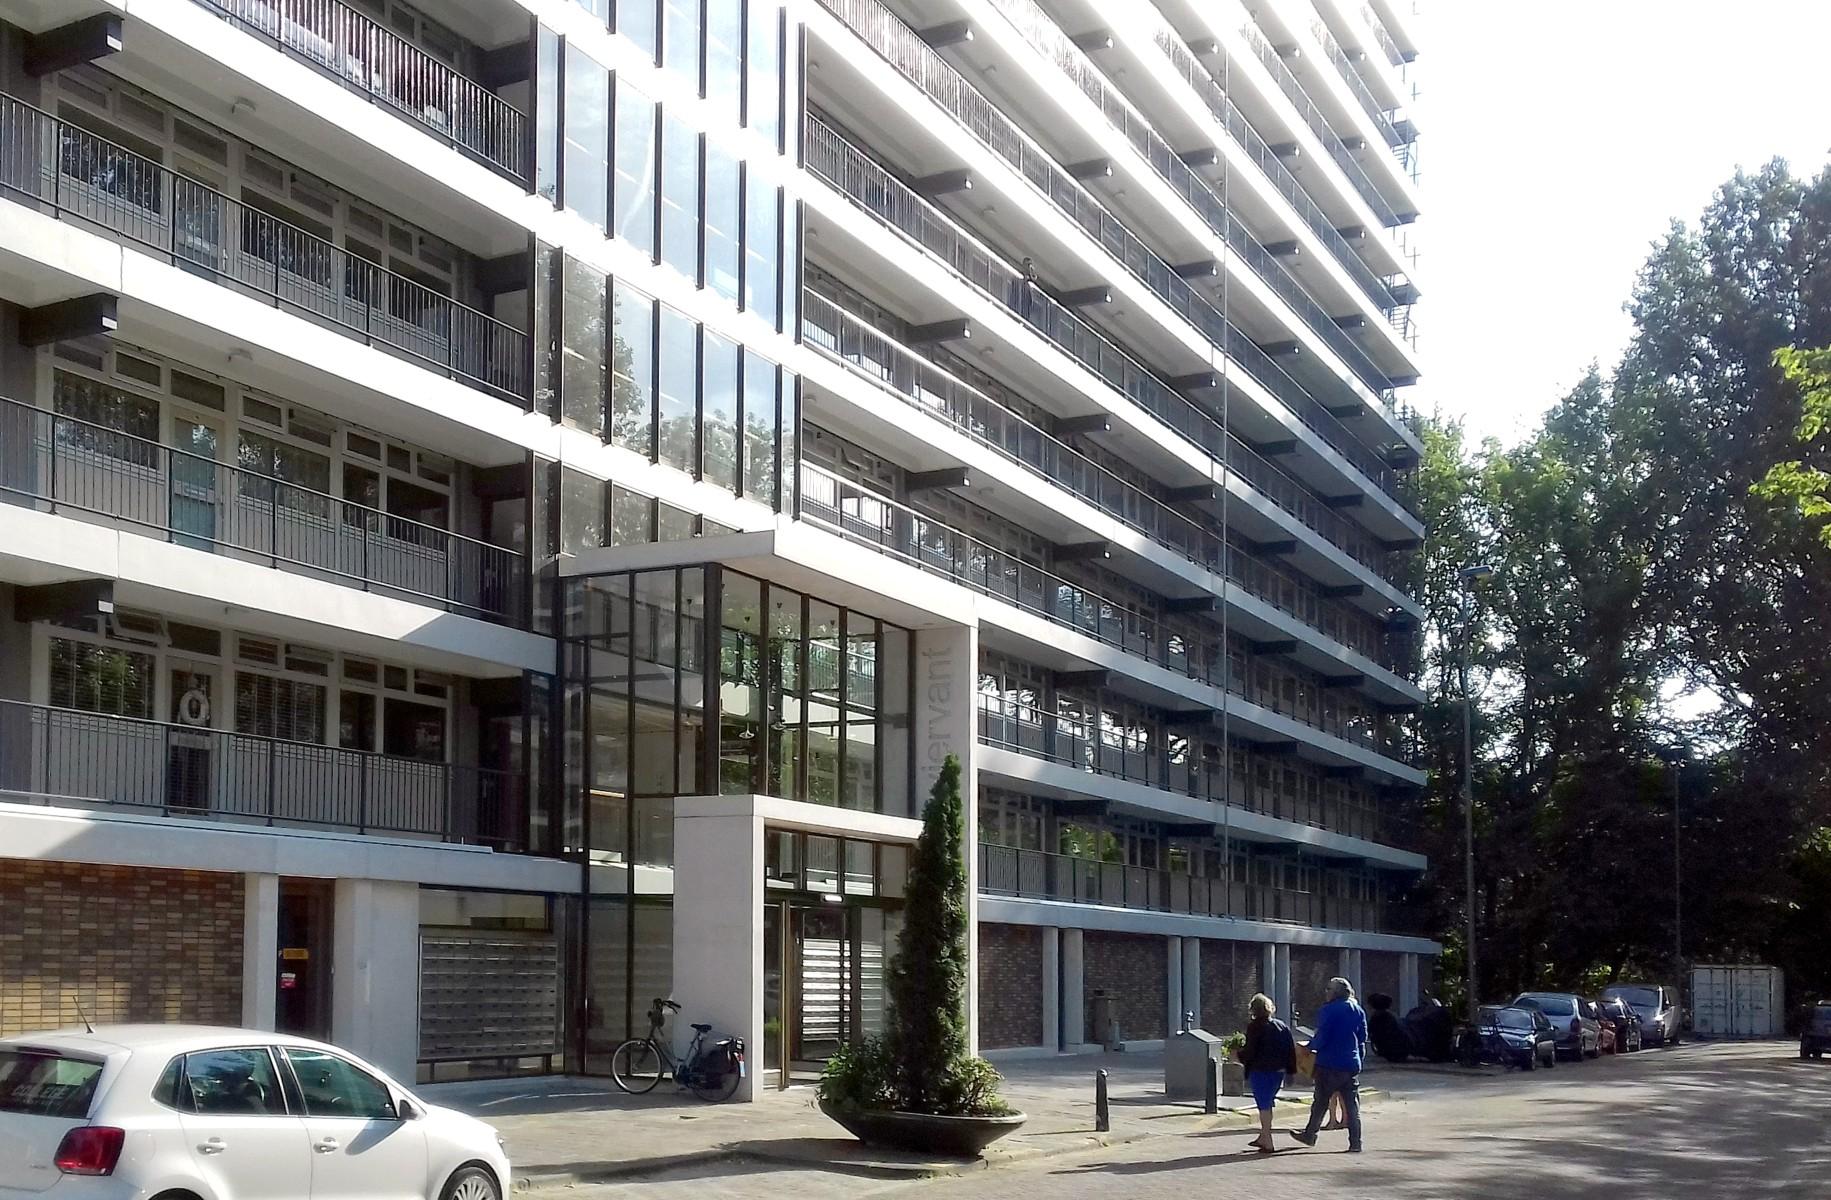 A3 architecten architectuur transformatie renovatie stedenbouw - Architectuur renovatie ...